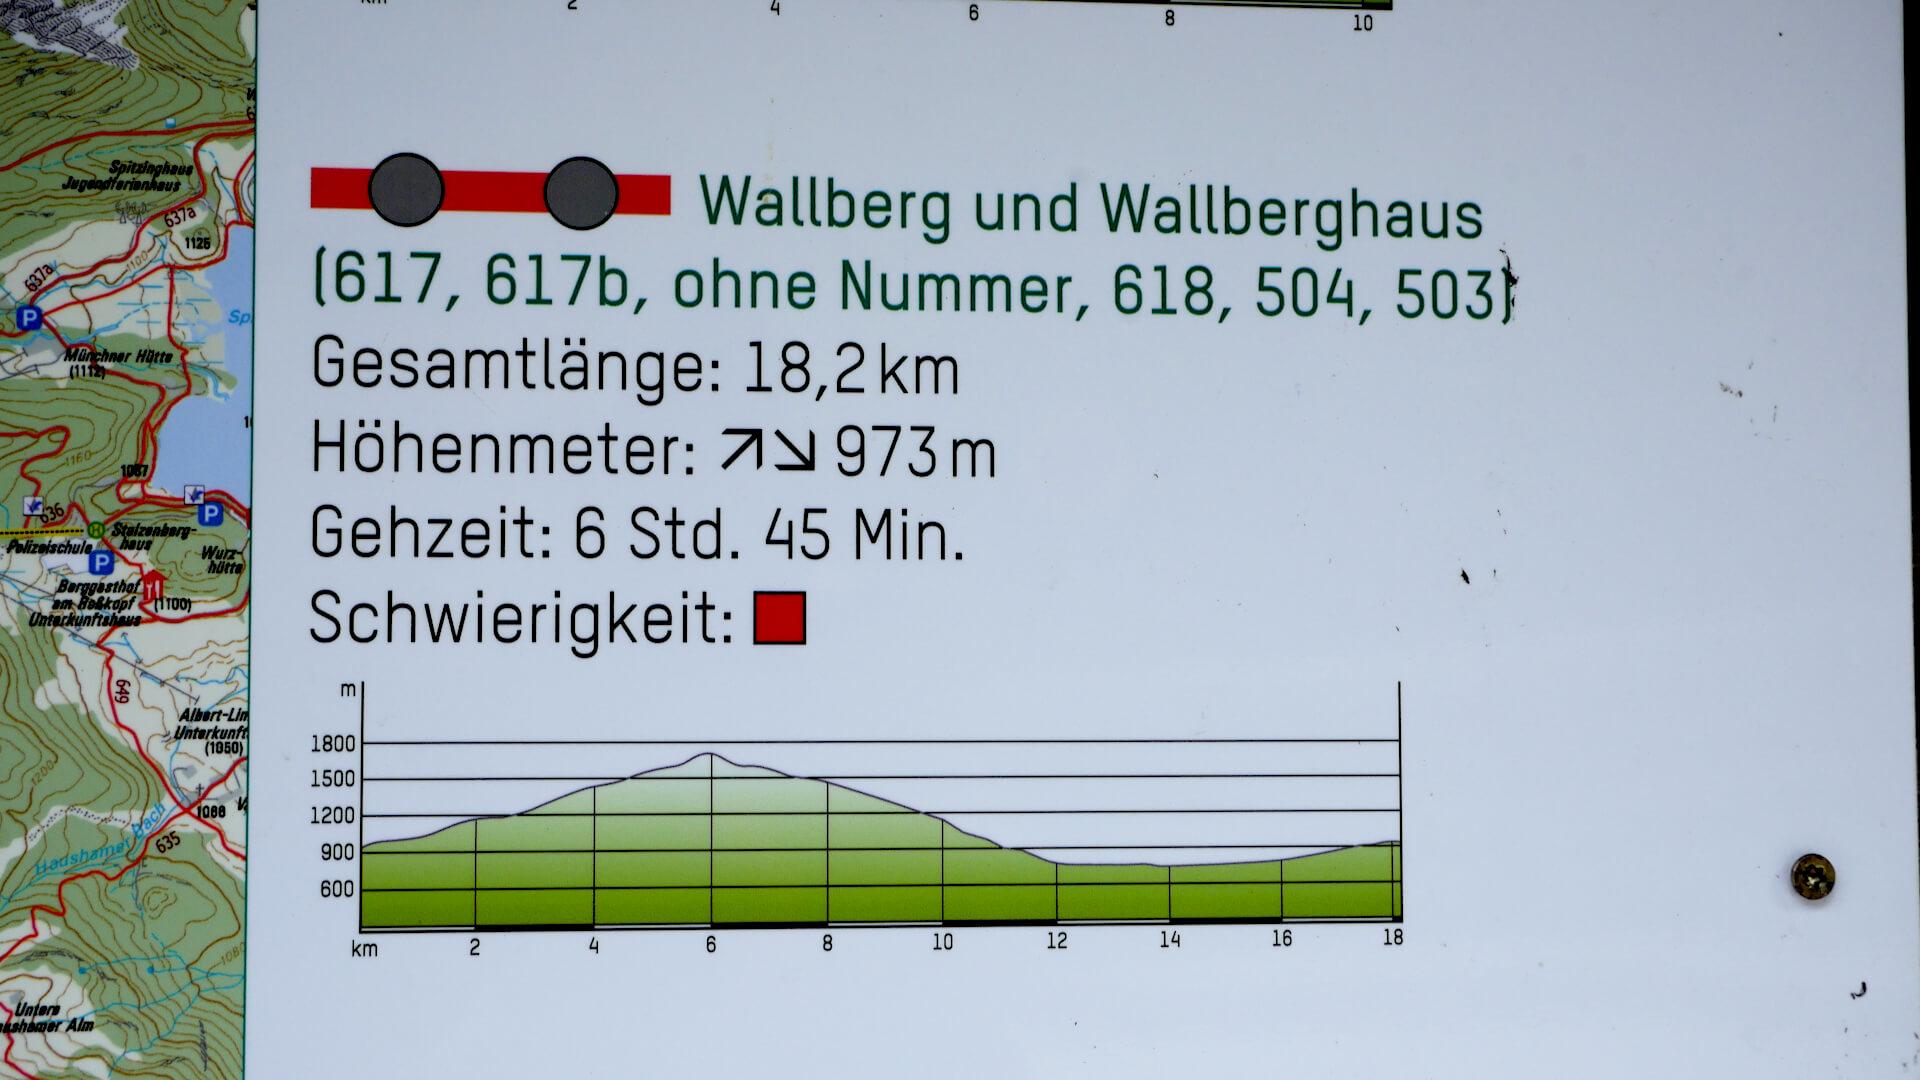 Die Streckendetails für die Wallbergwanderung